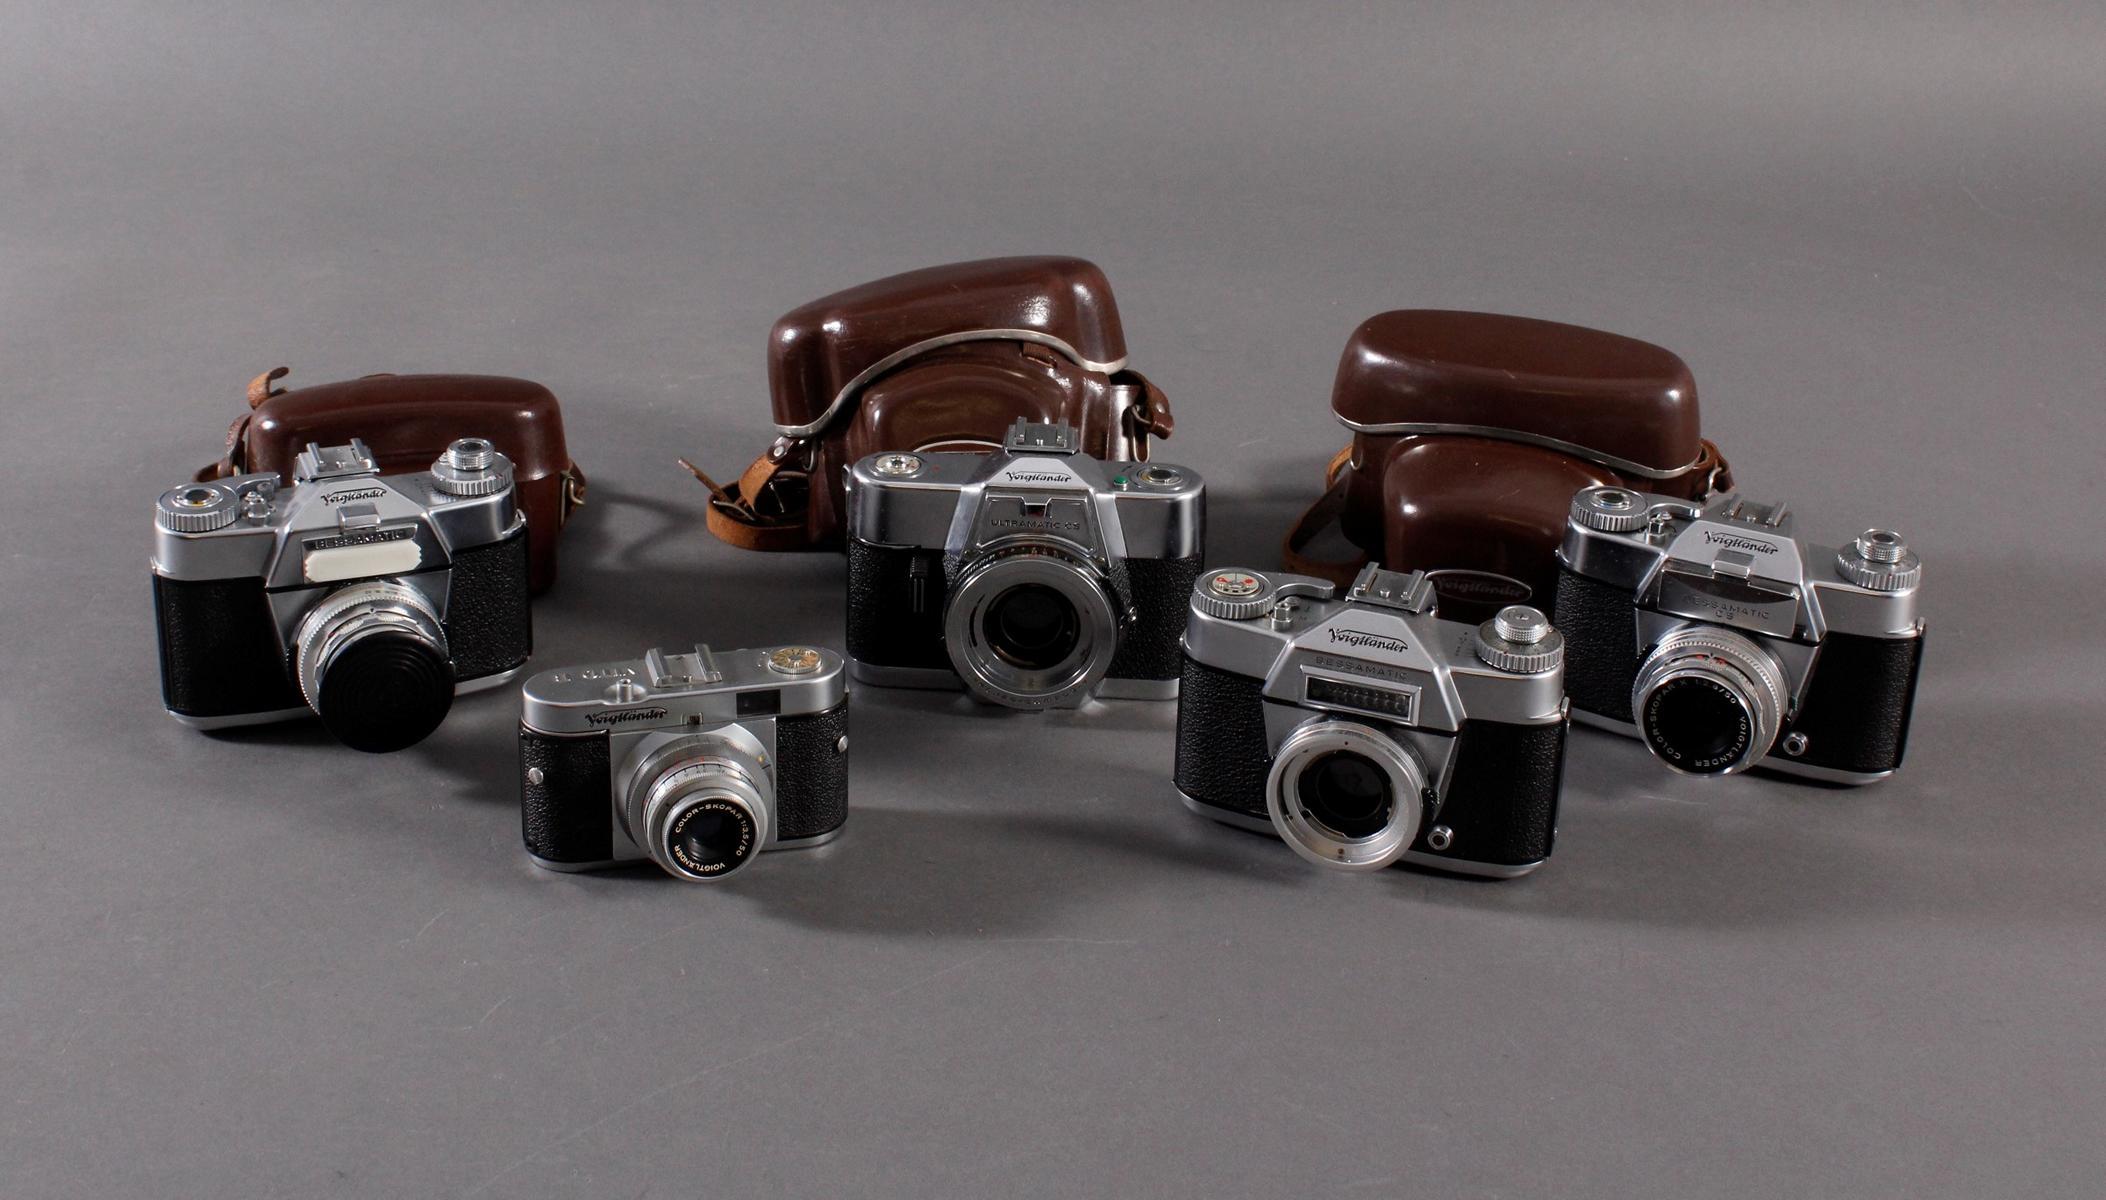 Fünf Fotoapparate/ Kameras, Voigtländer